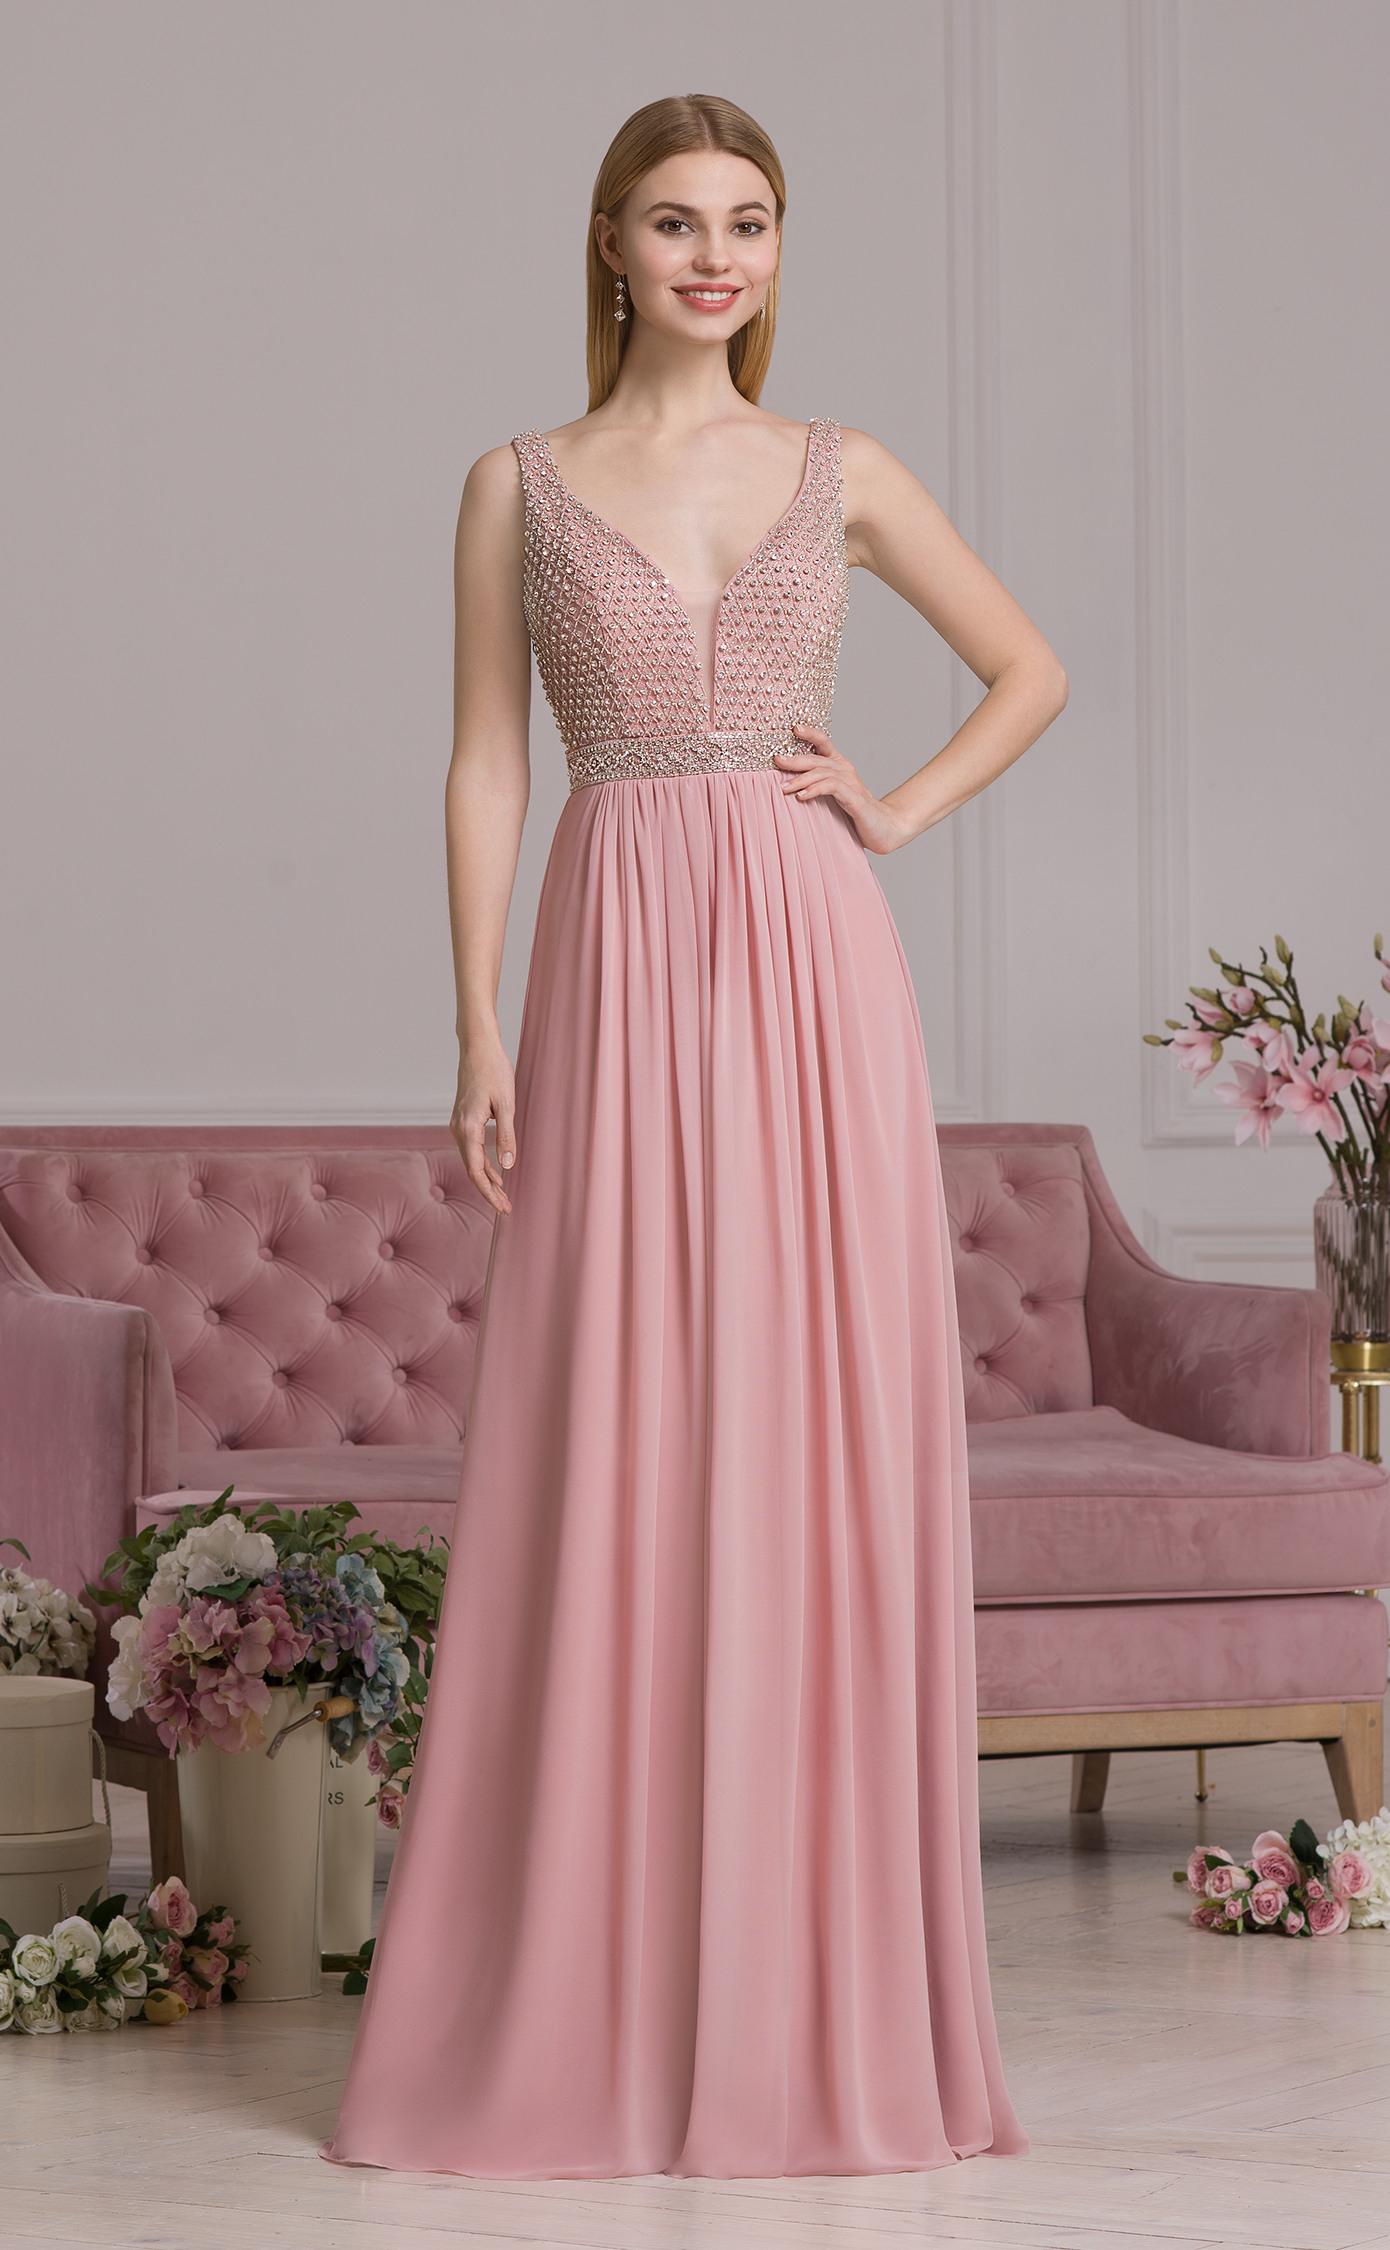 17 Perfekt Altrosa Abendkleid Galerie15 Ausgezeichnet Altrosa Abendkleid Boutique